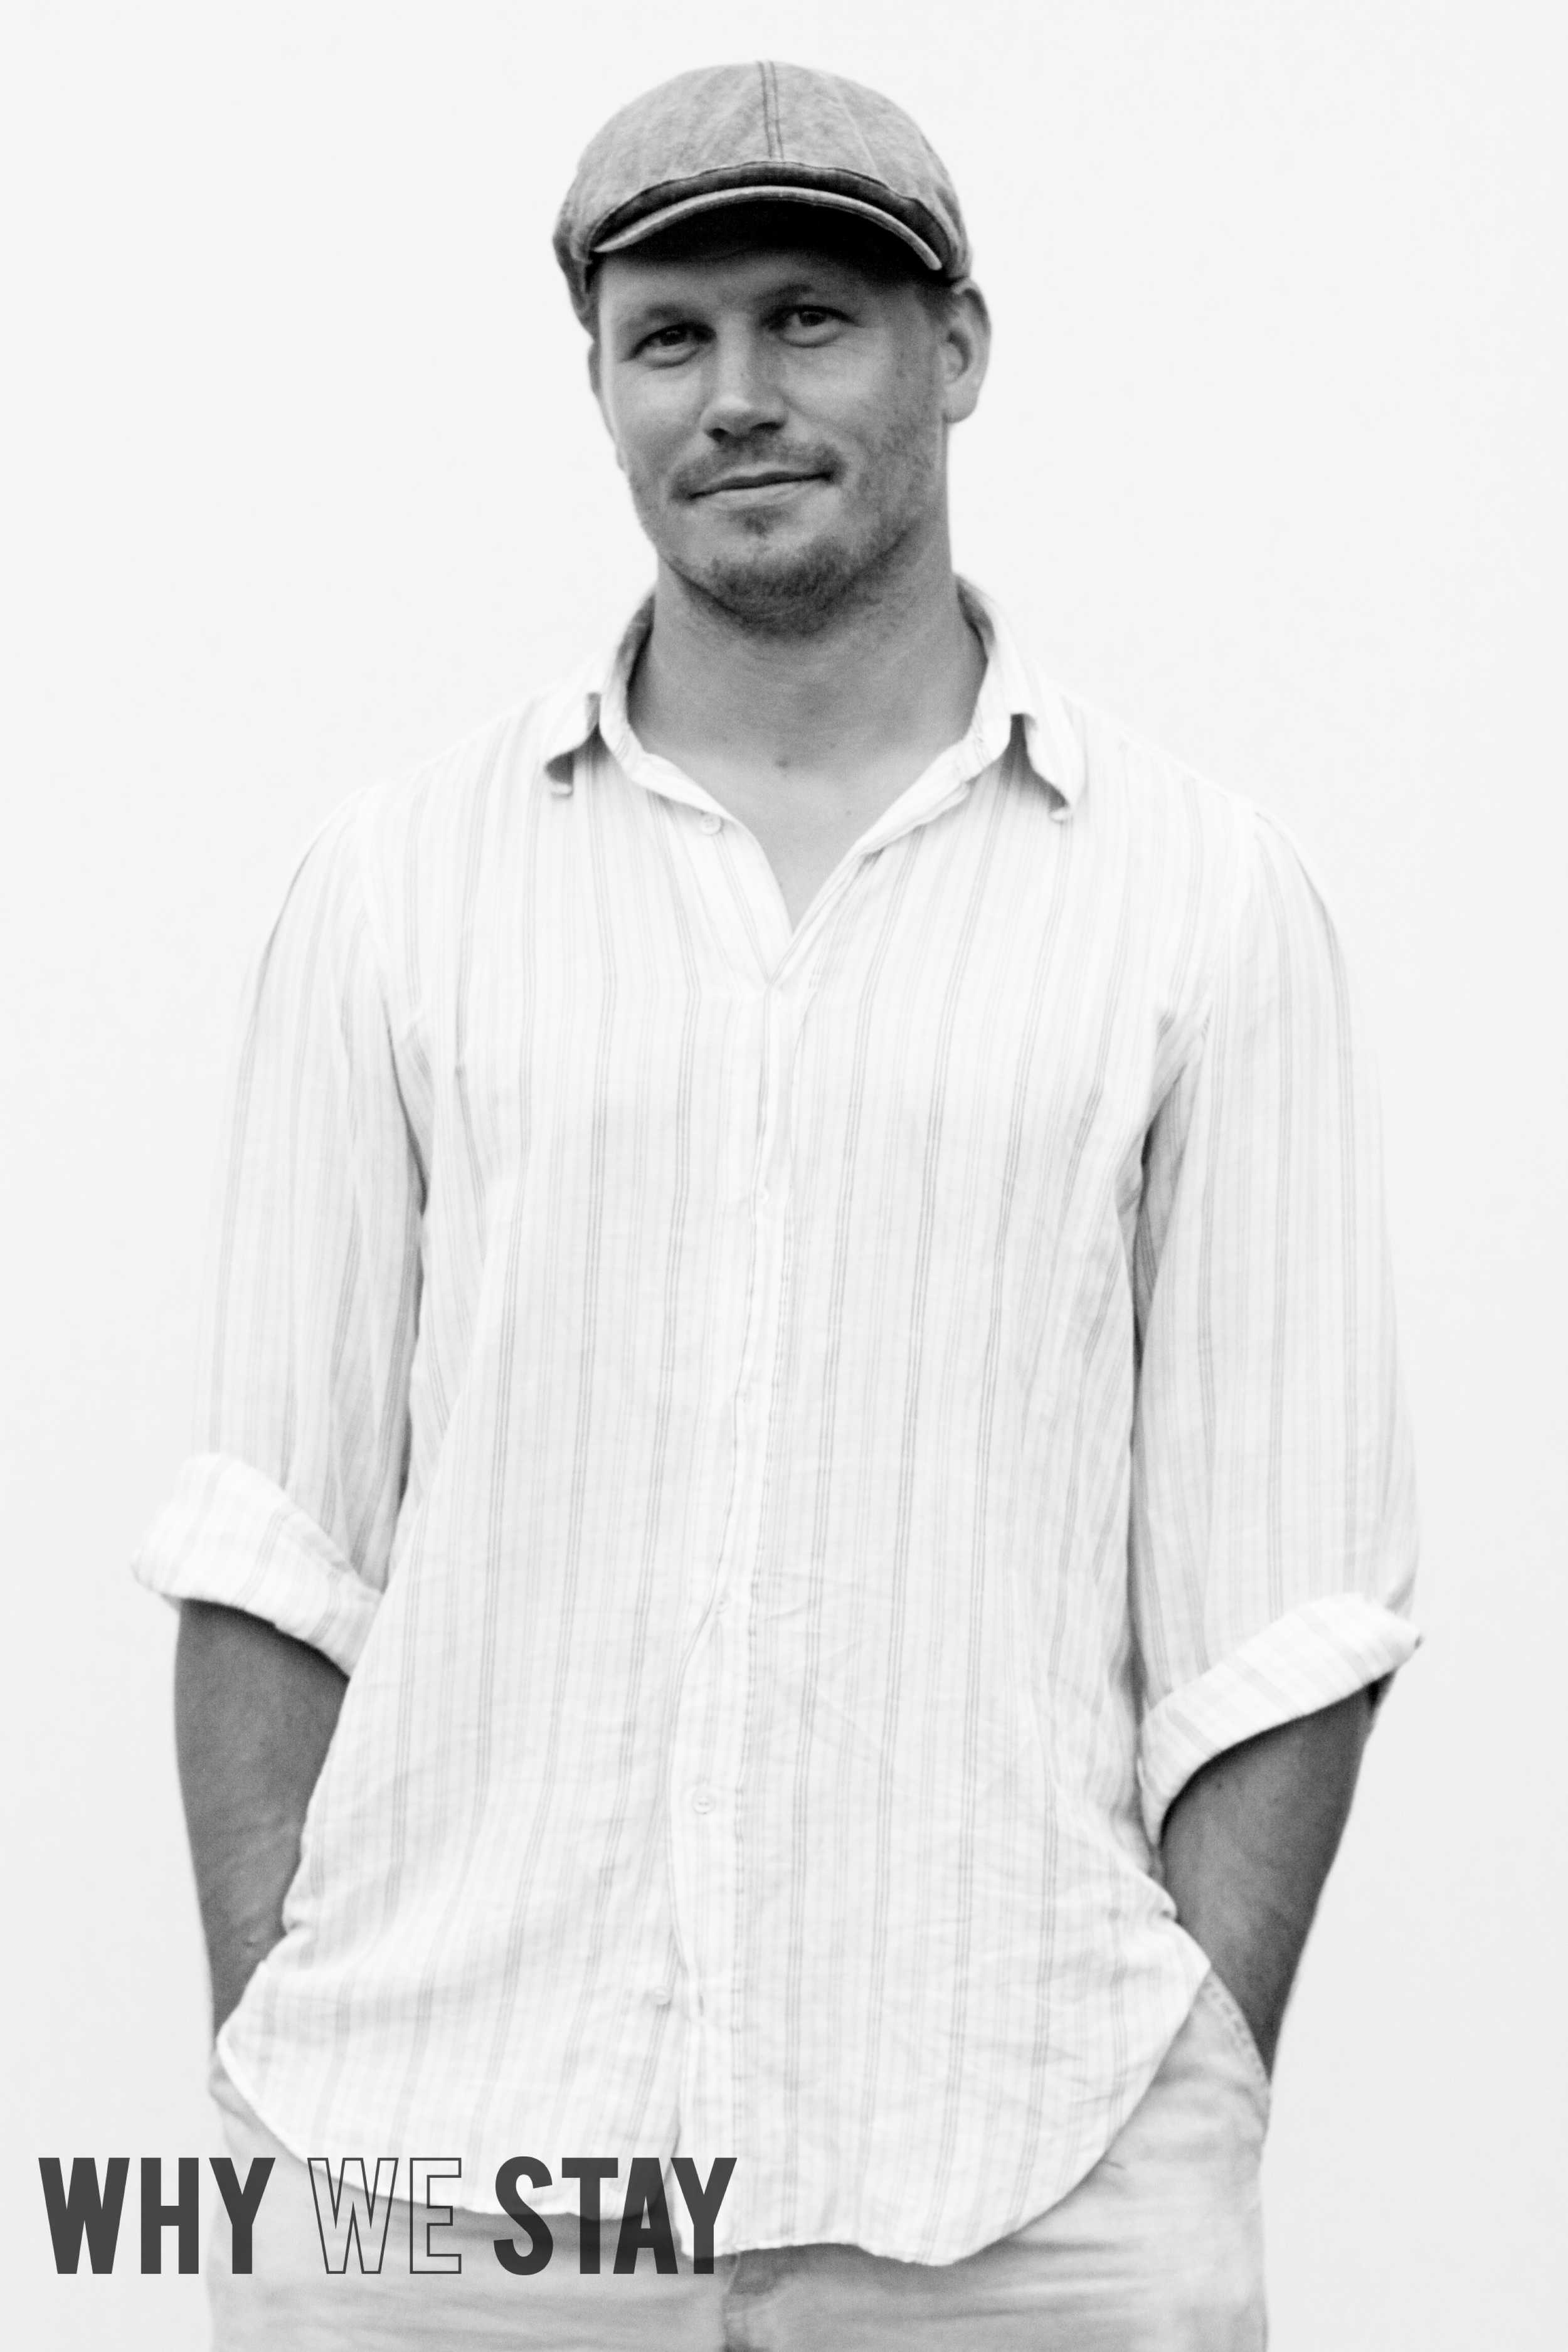 Kyle Rikert